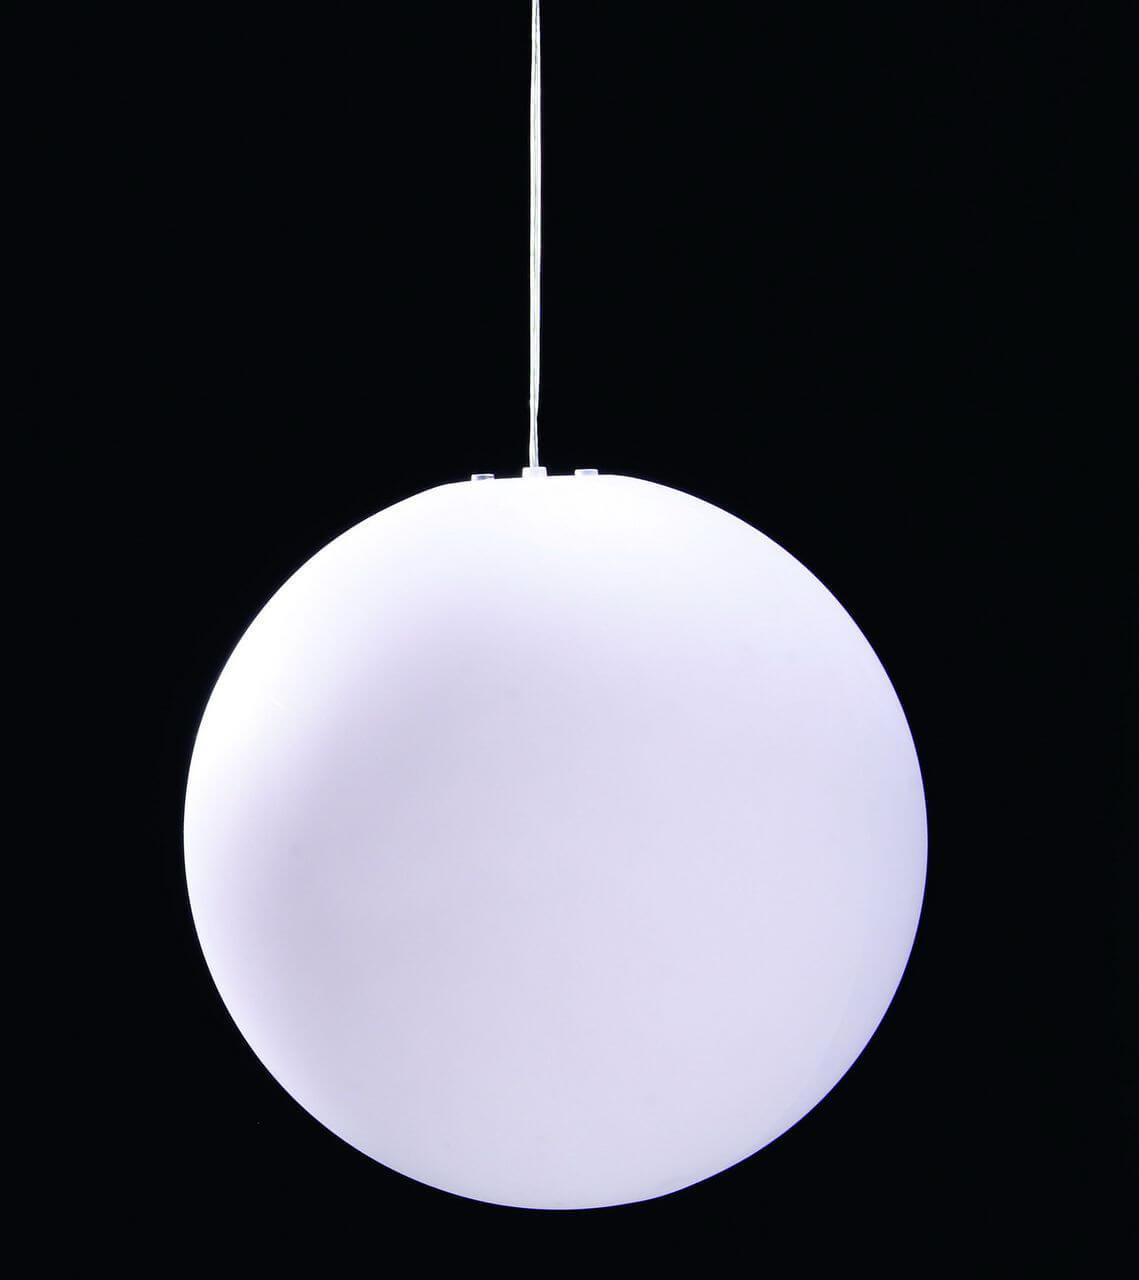 лучшая цена Подвесной светильник Mantra 1399, E27, 13 Вт